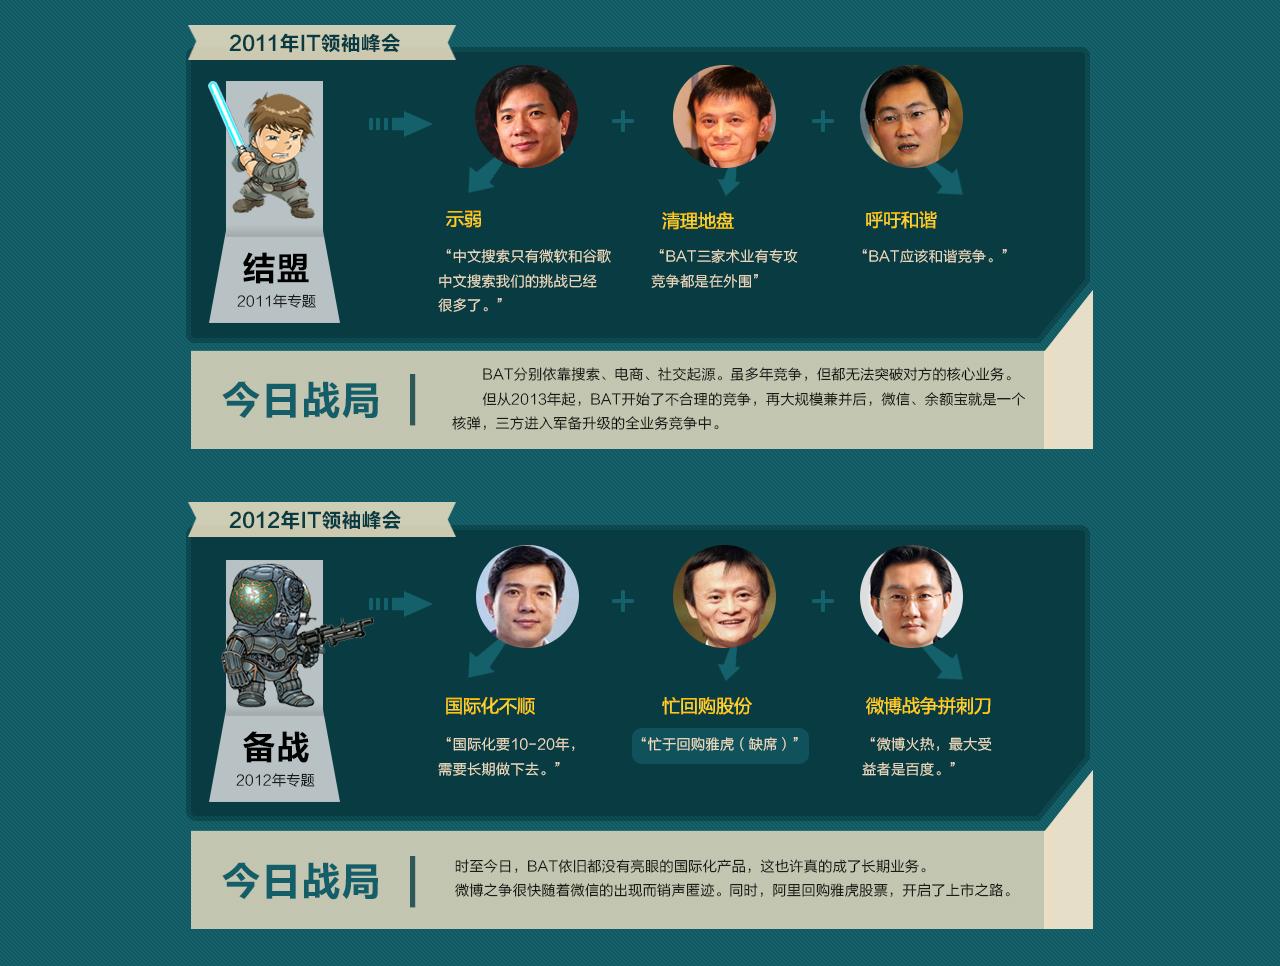 2011年IT领袖峰会